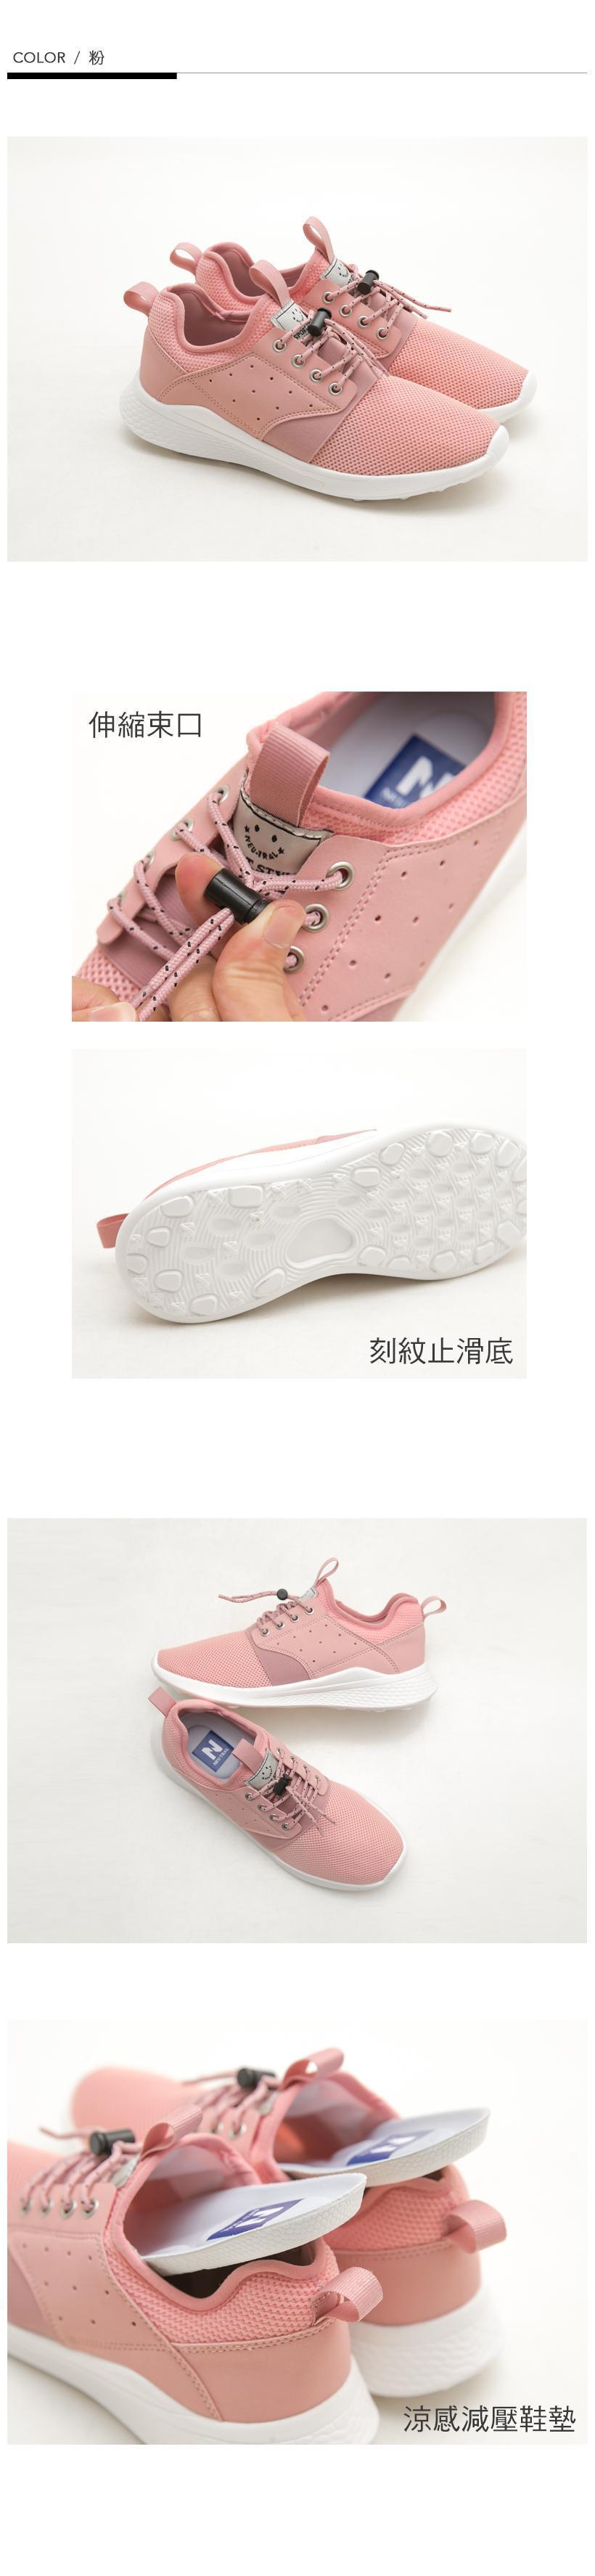 NeuTral-輕量免綁帶涼感彈簧鞋(白)-男女款